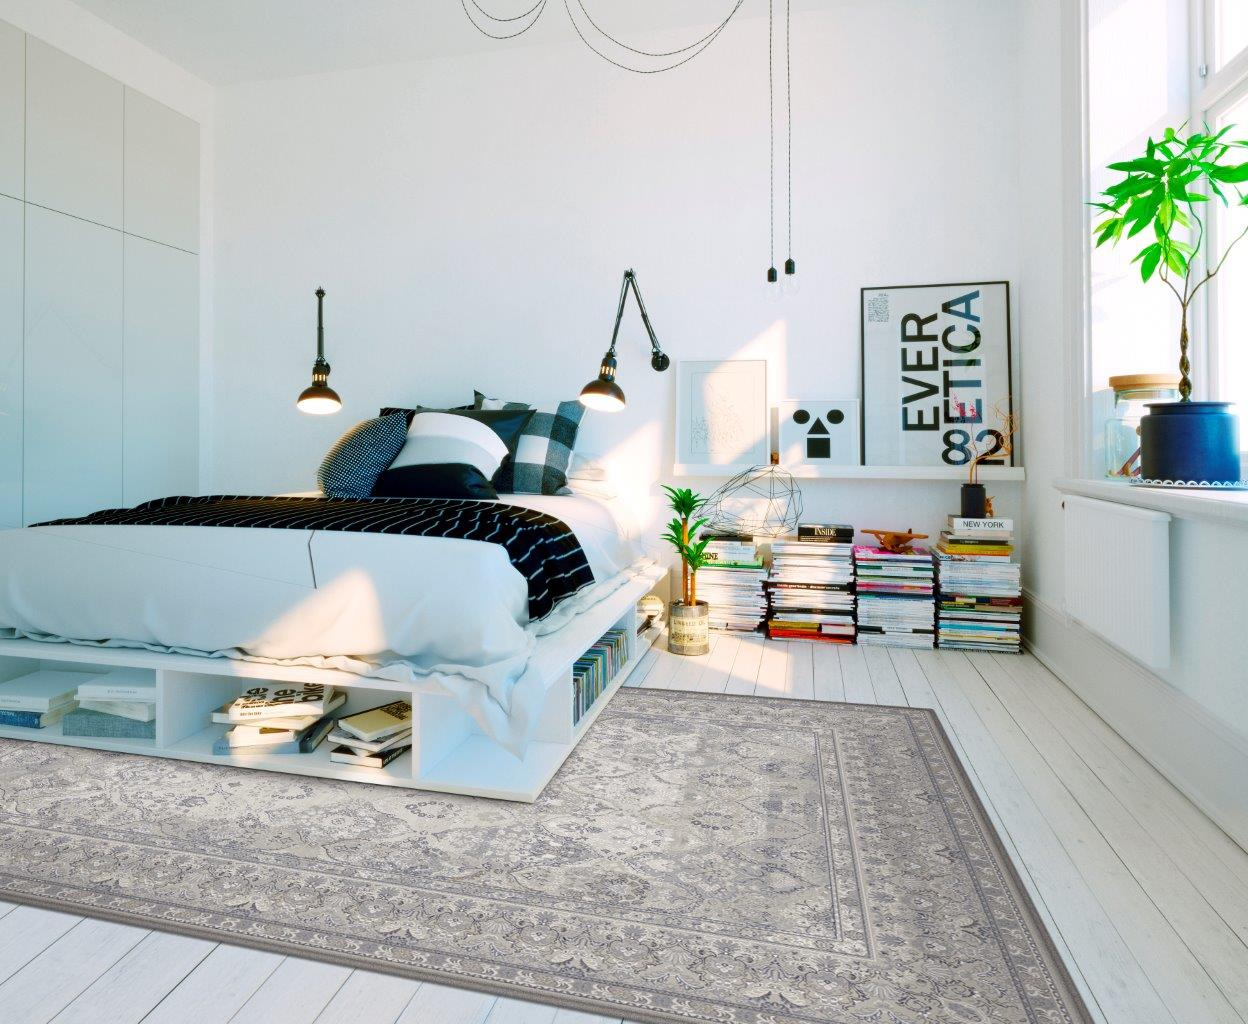 Modny dywanowy kontrast na podłodze